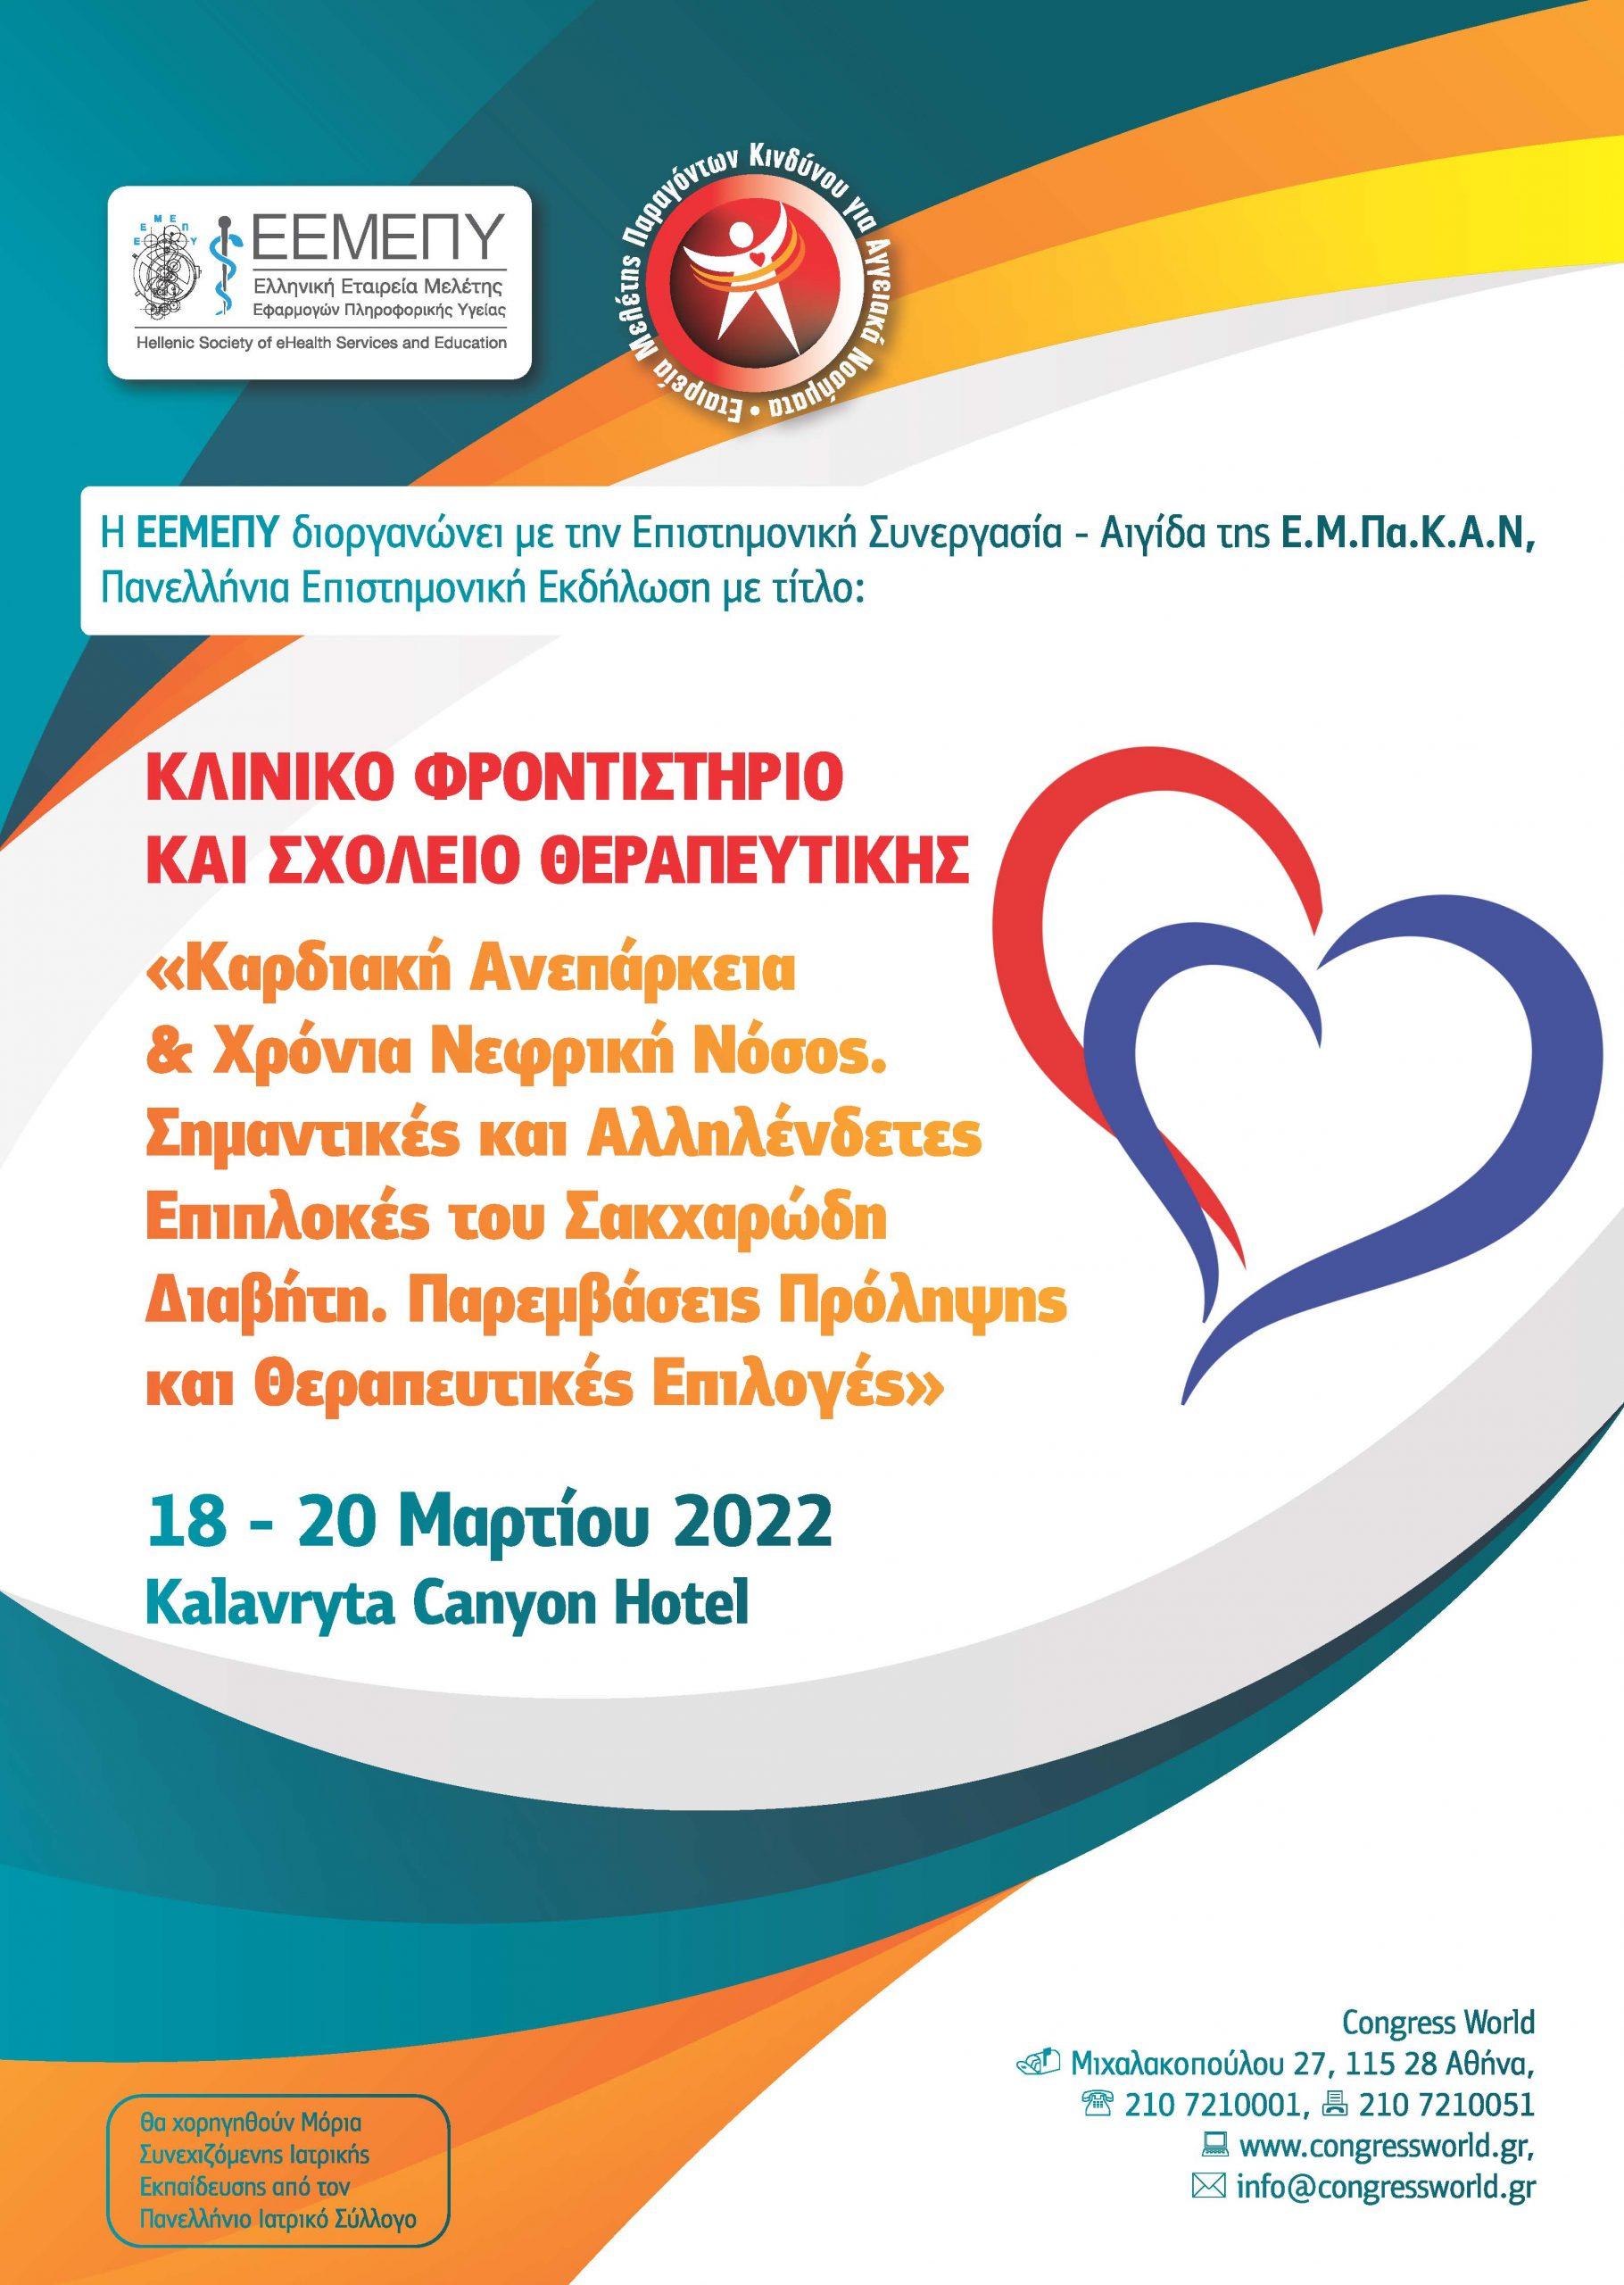 Κλινικό Φροντιστήριο και Σχολείο Θεραπευτικής (συνεργασία ΕΕΜΕΠΥ & ΕΜΠαΚΑΝ)